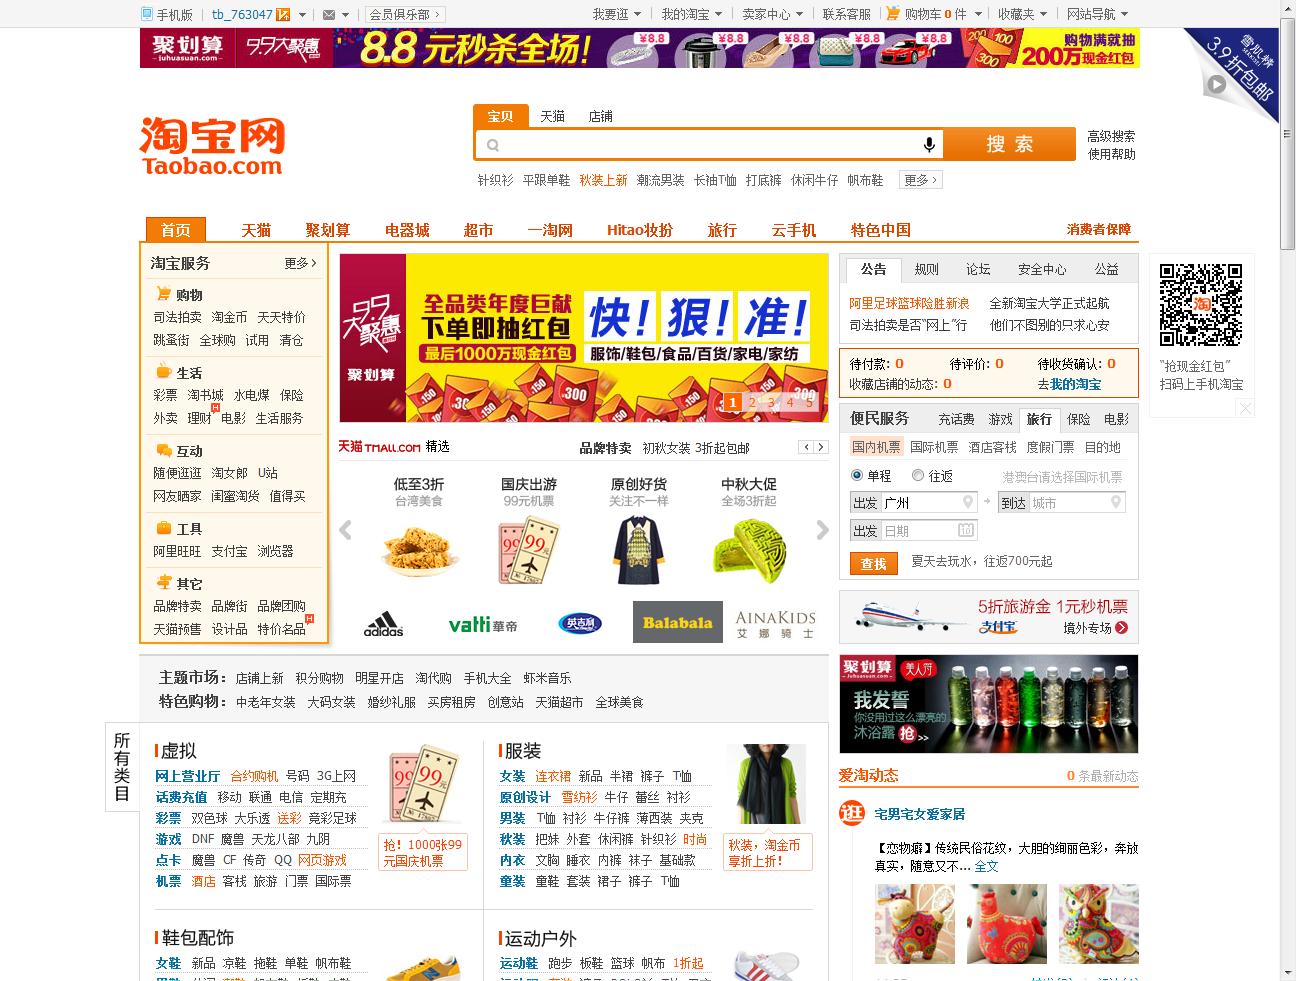 官方淘宝网登陆_淘宝网首页官网 -微博生活网